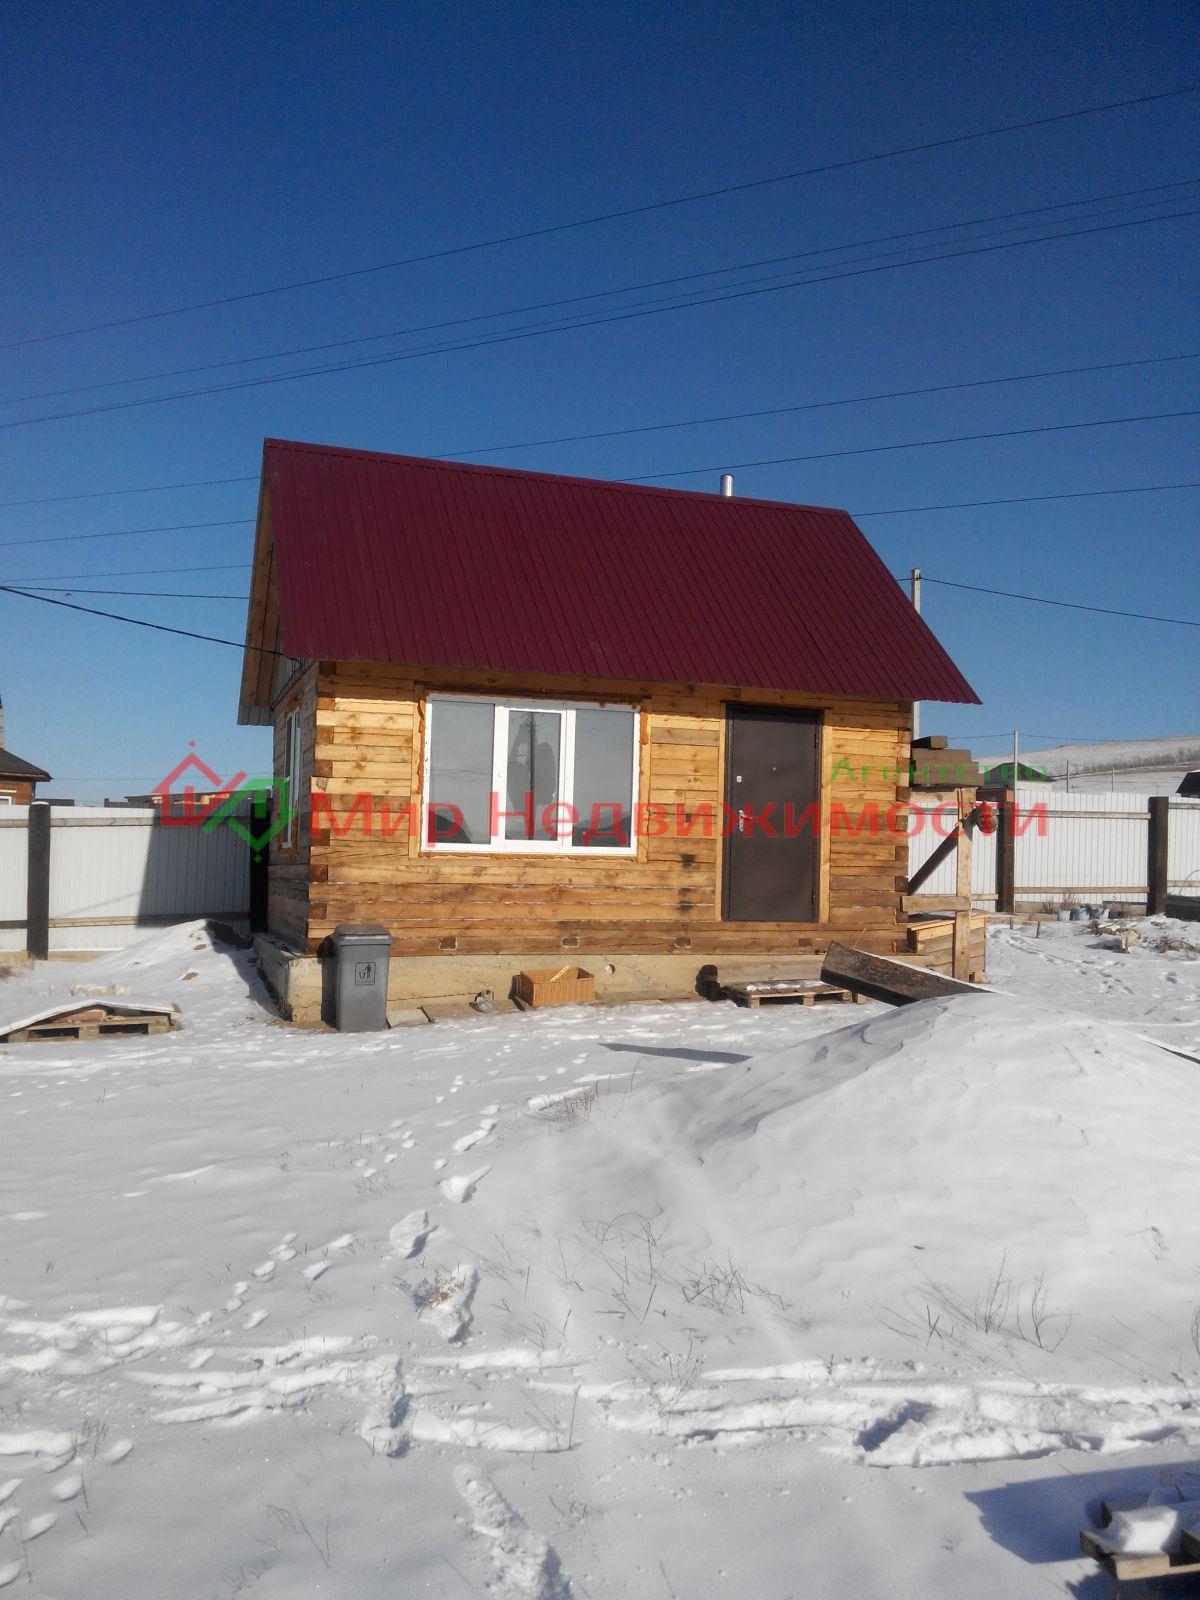 продается небольшой новый дом брус 15 на 15, установлены окна и двери, печное отопле...